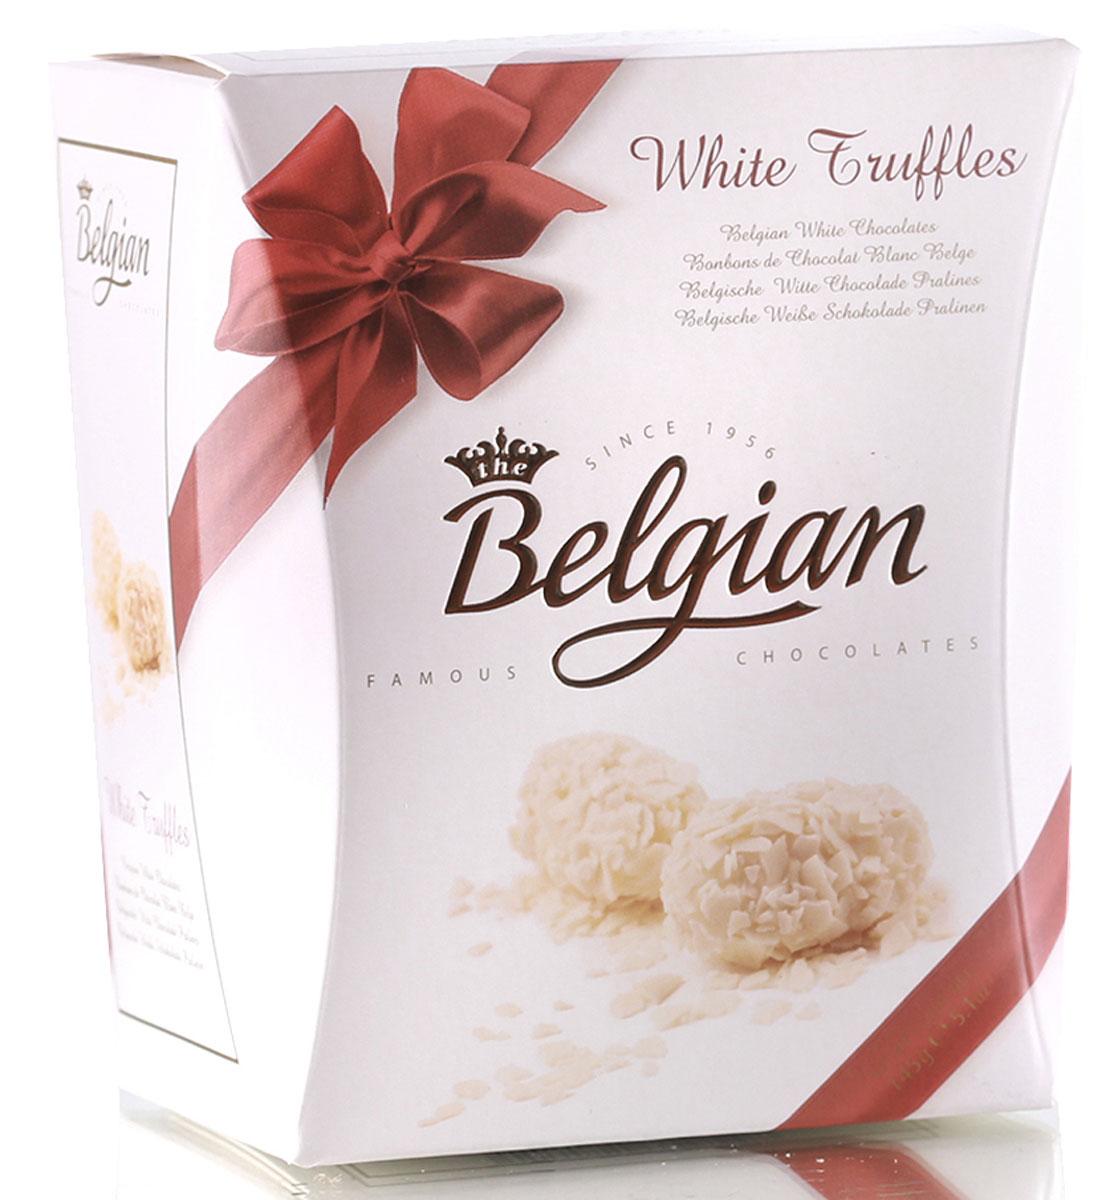 The Belgian Трюфели из белого шоколада в хлопьях, 145 г the belgian трюфели с кусочками апельсинов 200 г